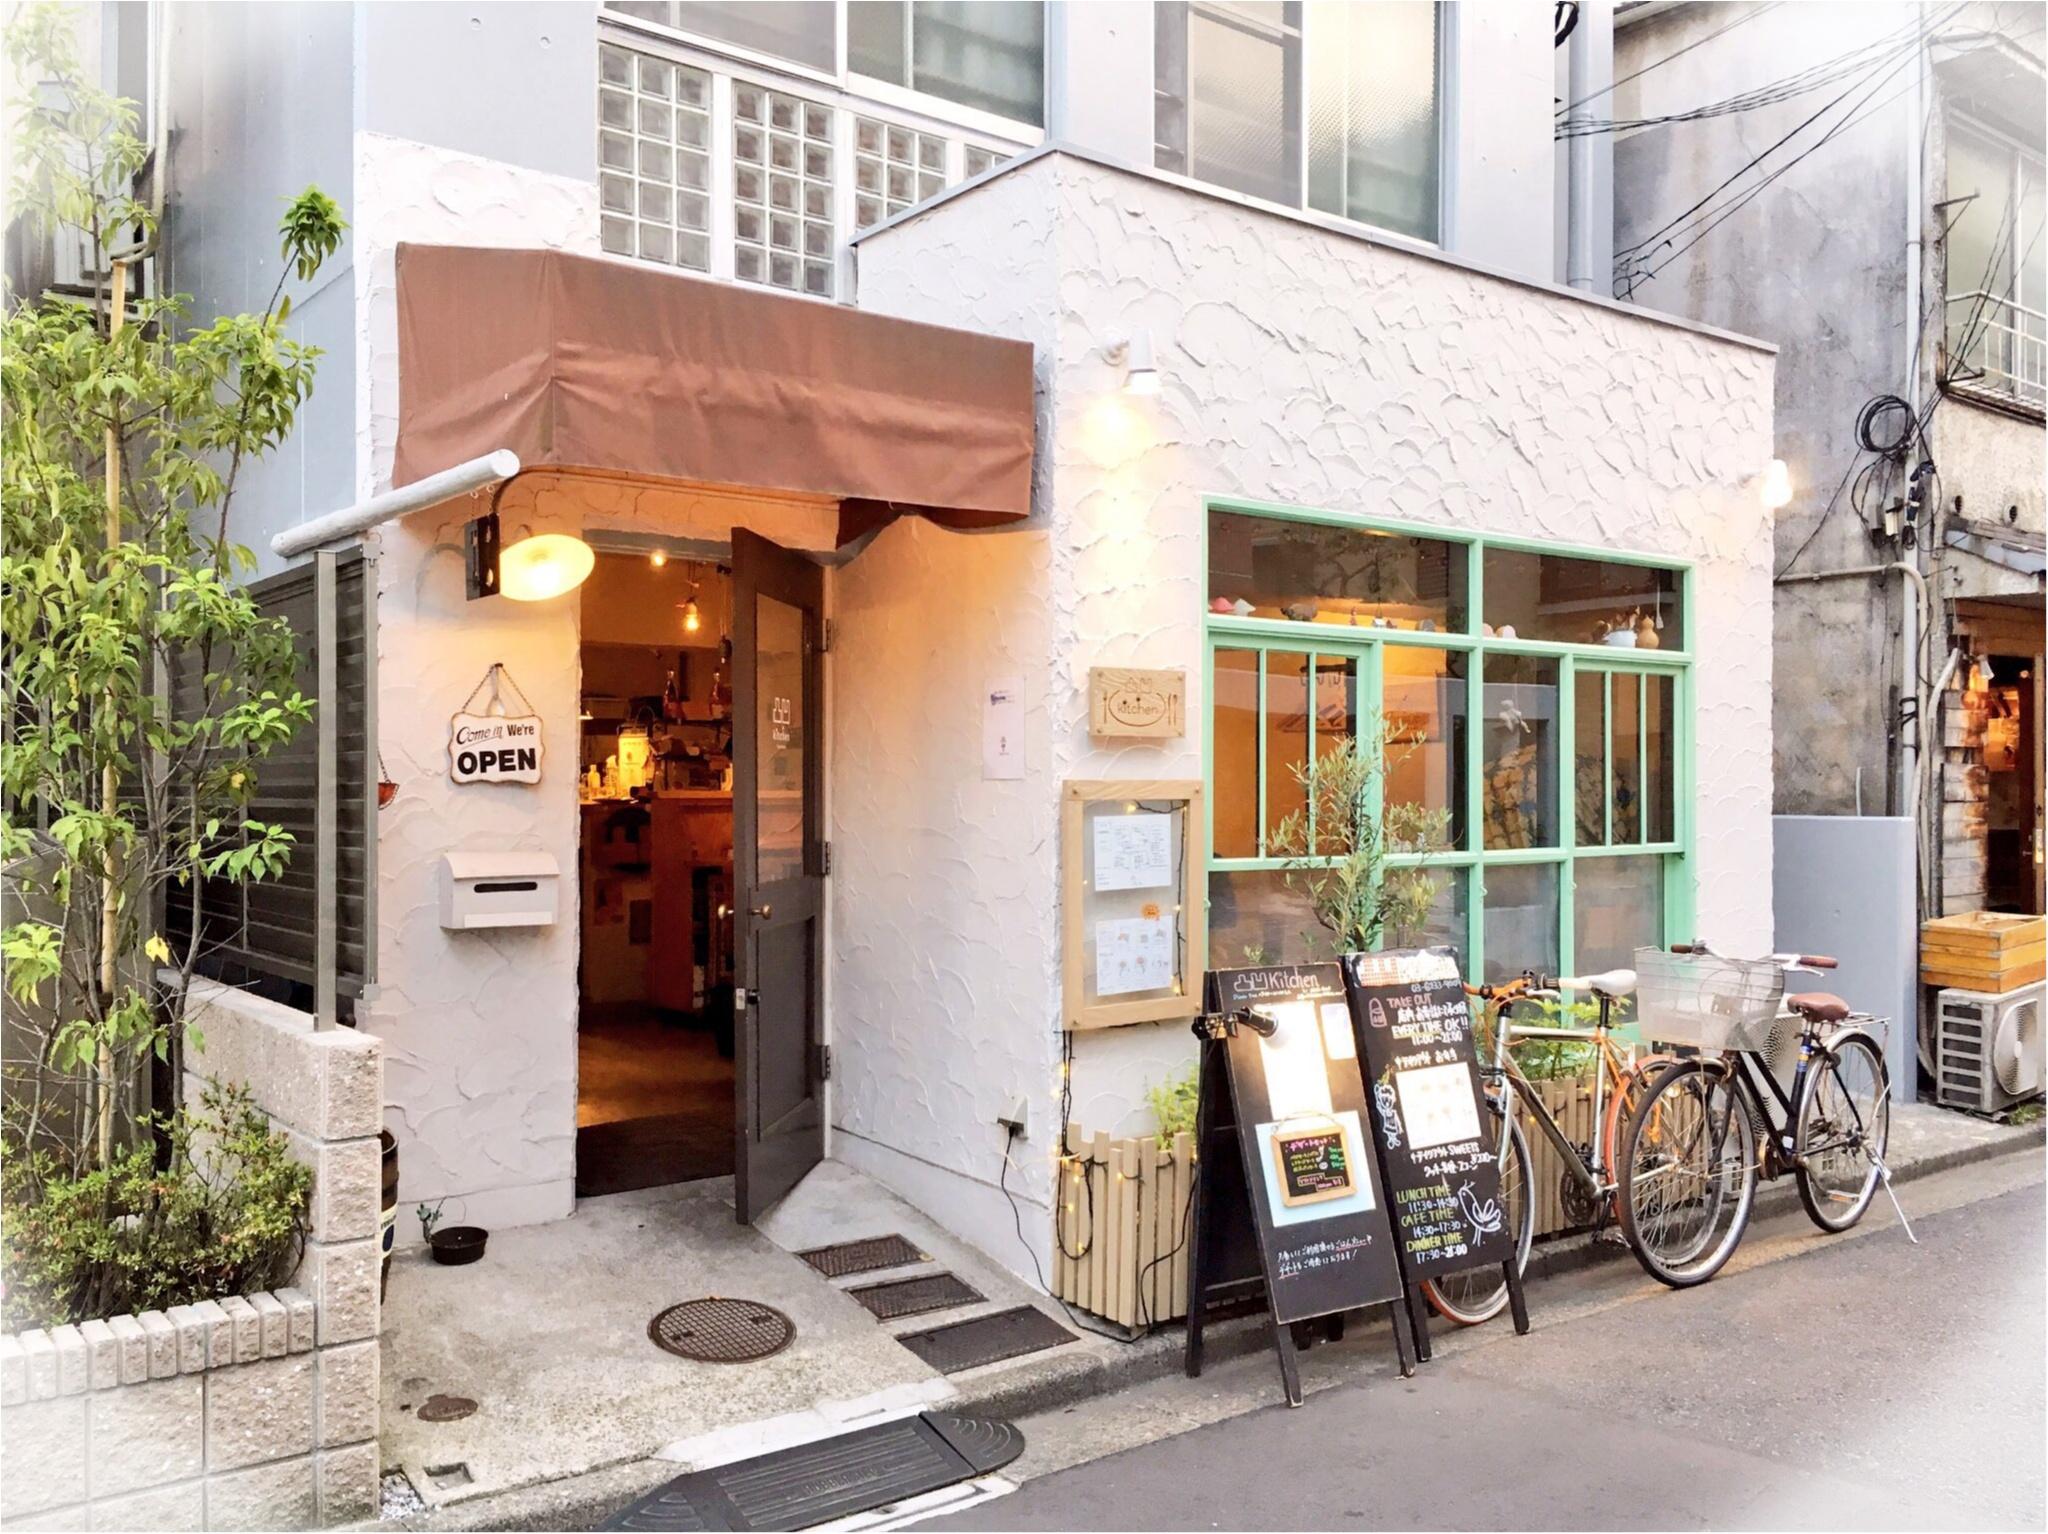 高田馬場の路地裏カフェ『凸凹キッチン』がナチュラルかわいい♡_1